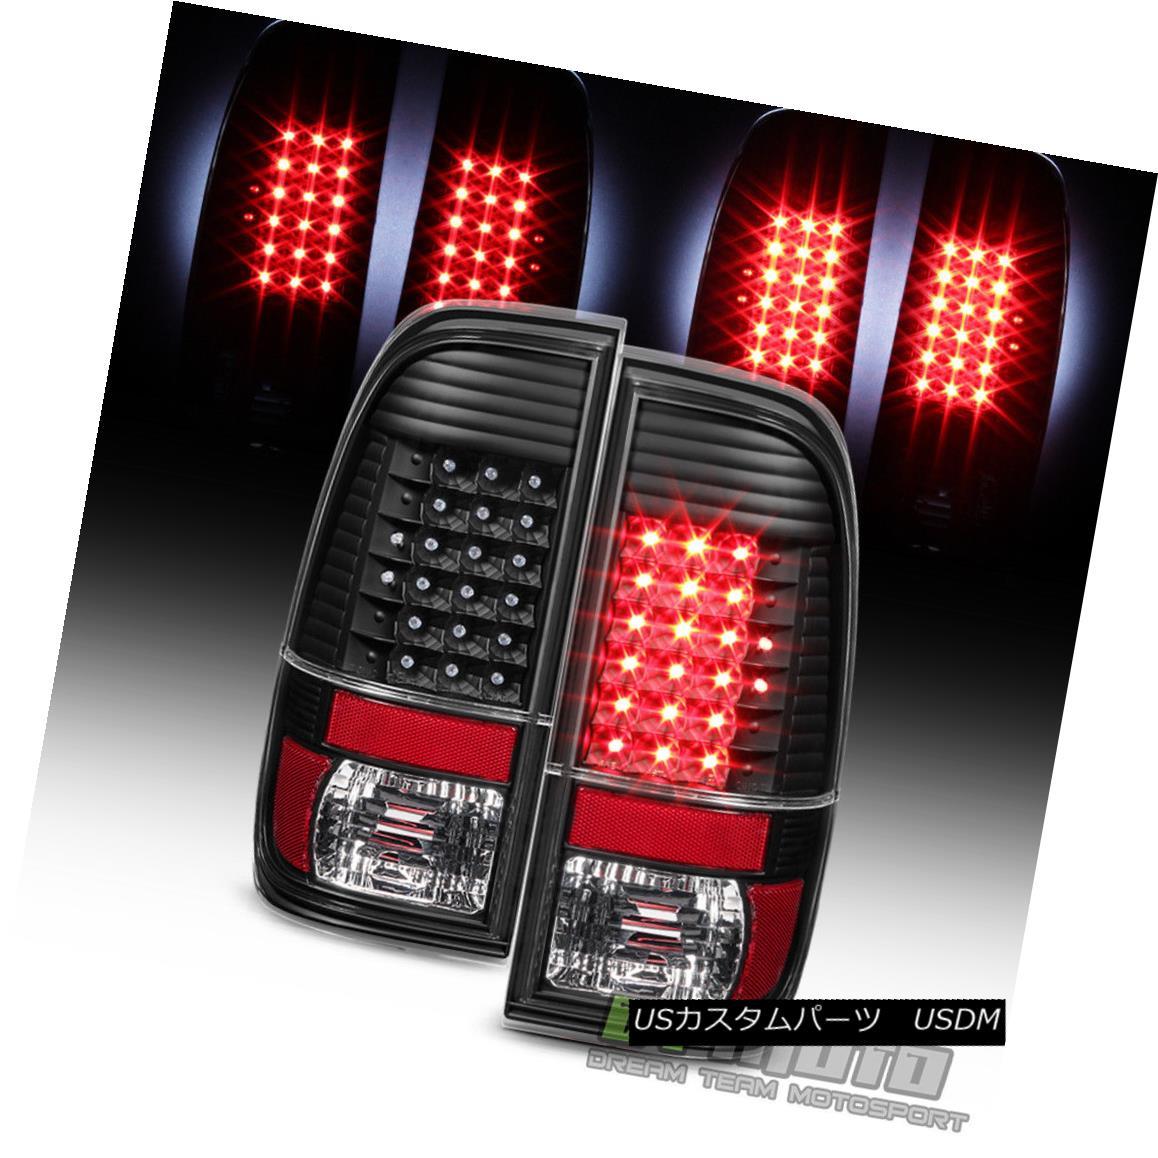 テールライト Blk 1997-2003 Ford F150 1999-2007 F250 F350 F450 Superduty LED Tail Lights Lamps Blk 1997-2003 Ford F150 1999-2007 F250 F350 F450 Superduty LEDテールライトランプ